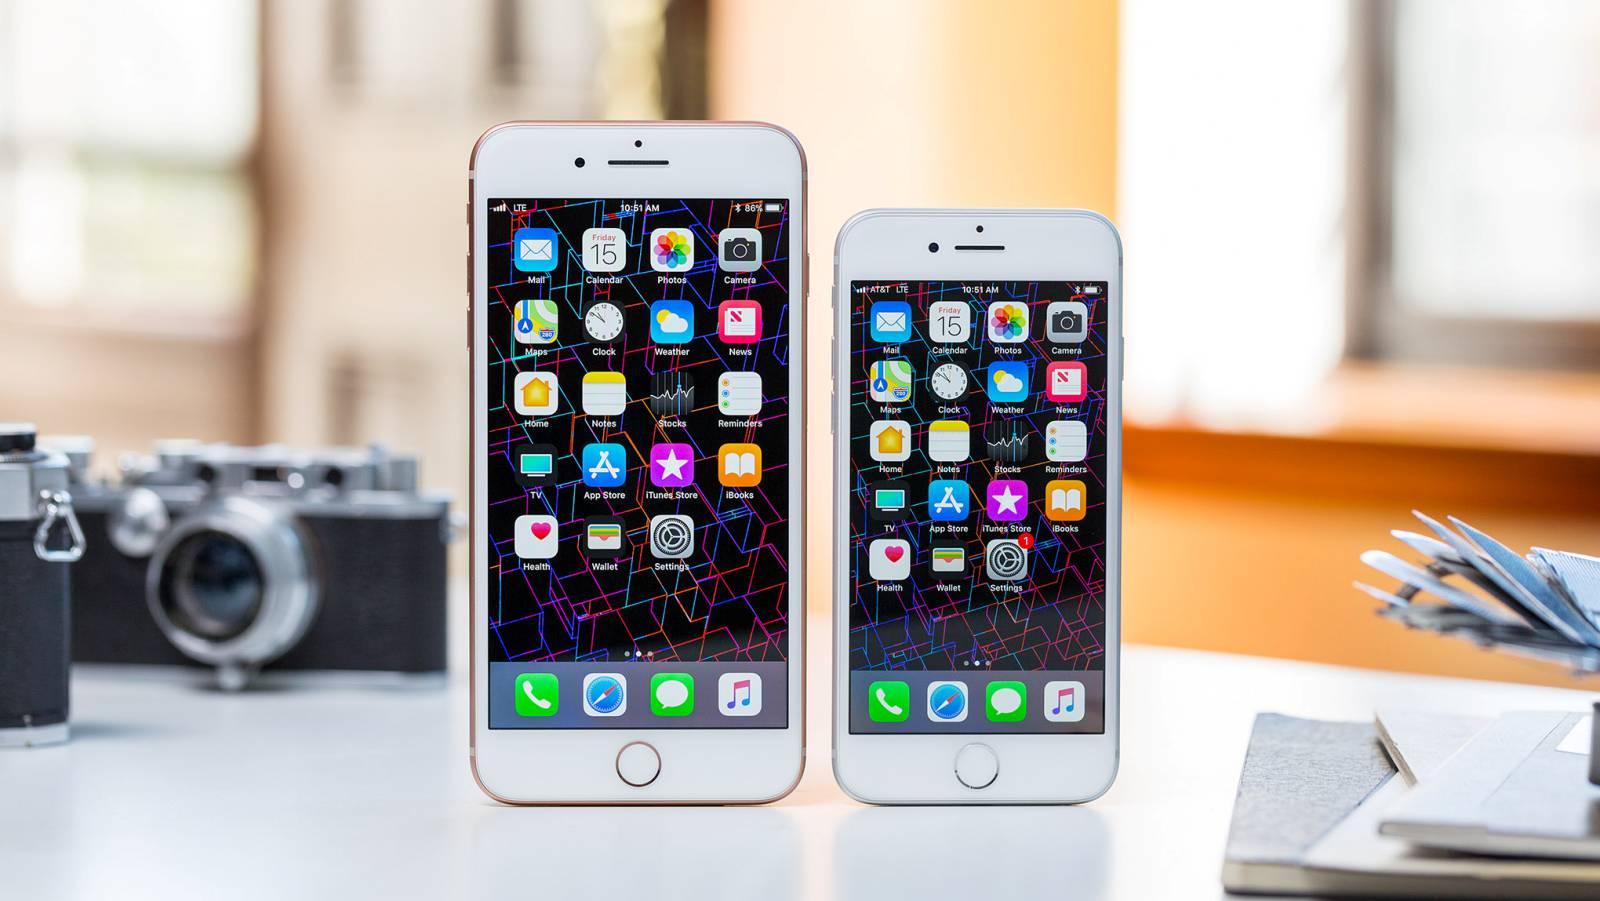 Pret REDUS eMAG iPhone 8